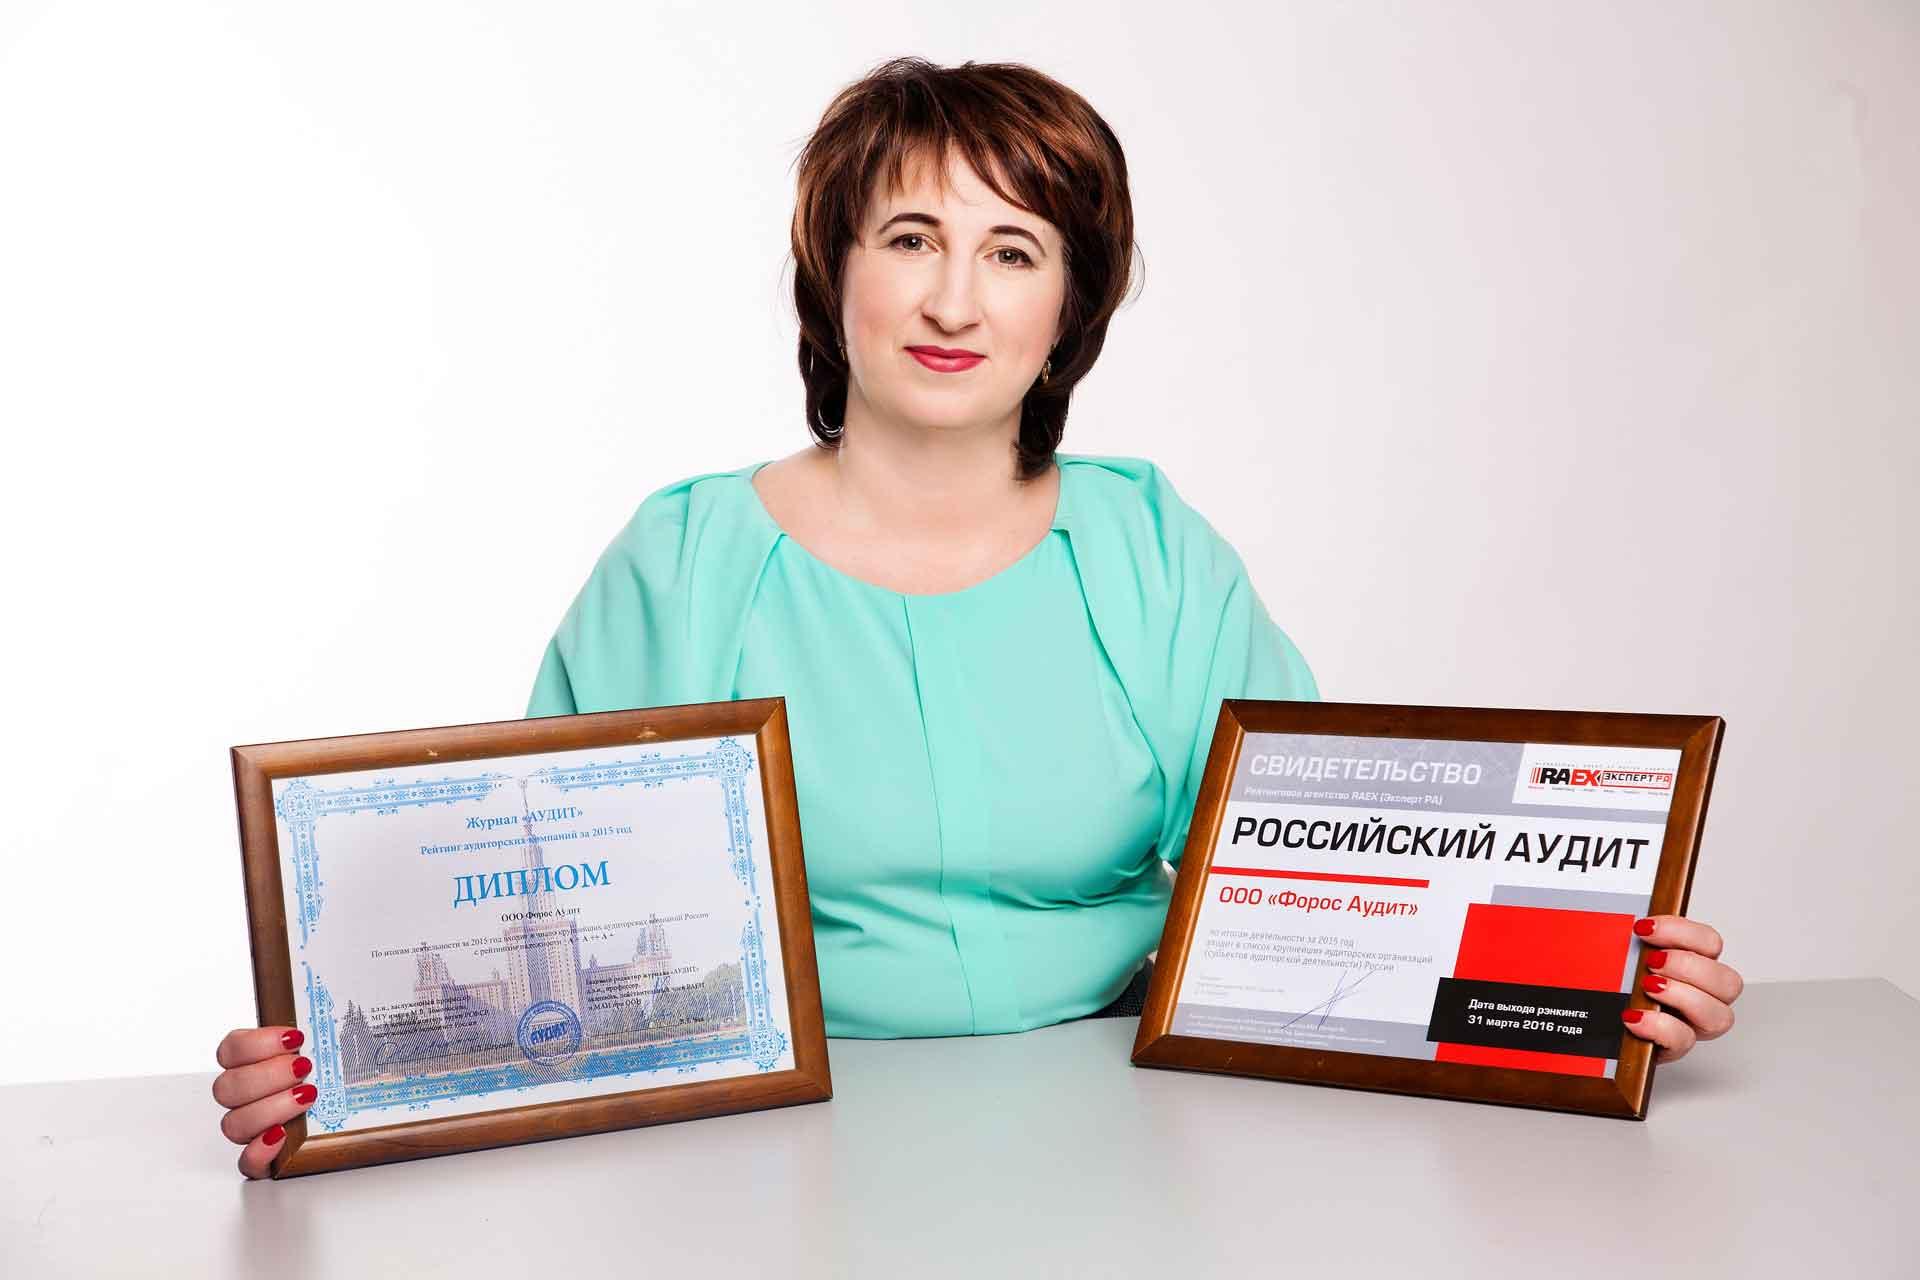 Елена Валентиновна Васильева. Профессиональный бухгалтер и аудитор